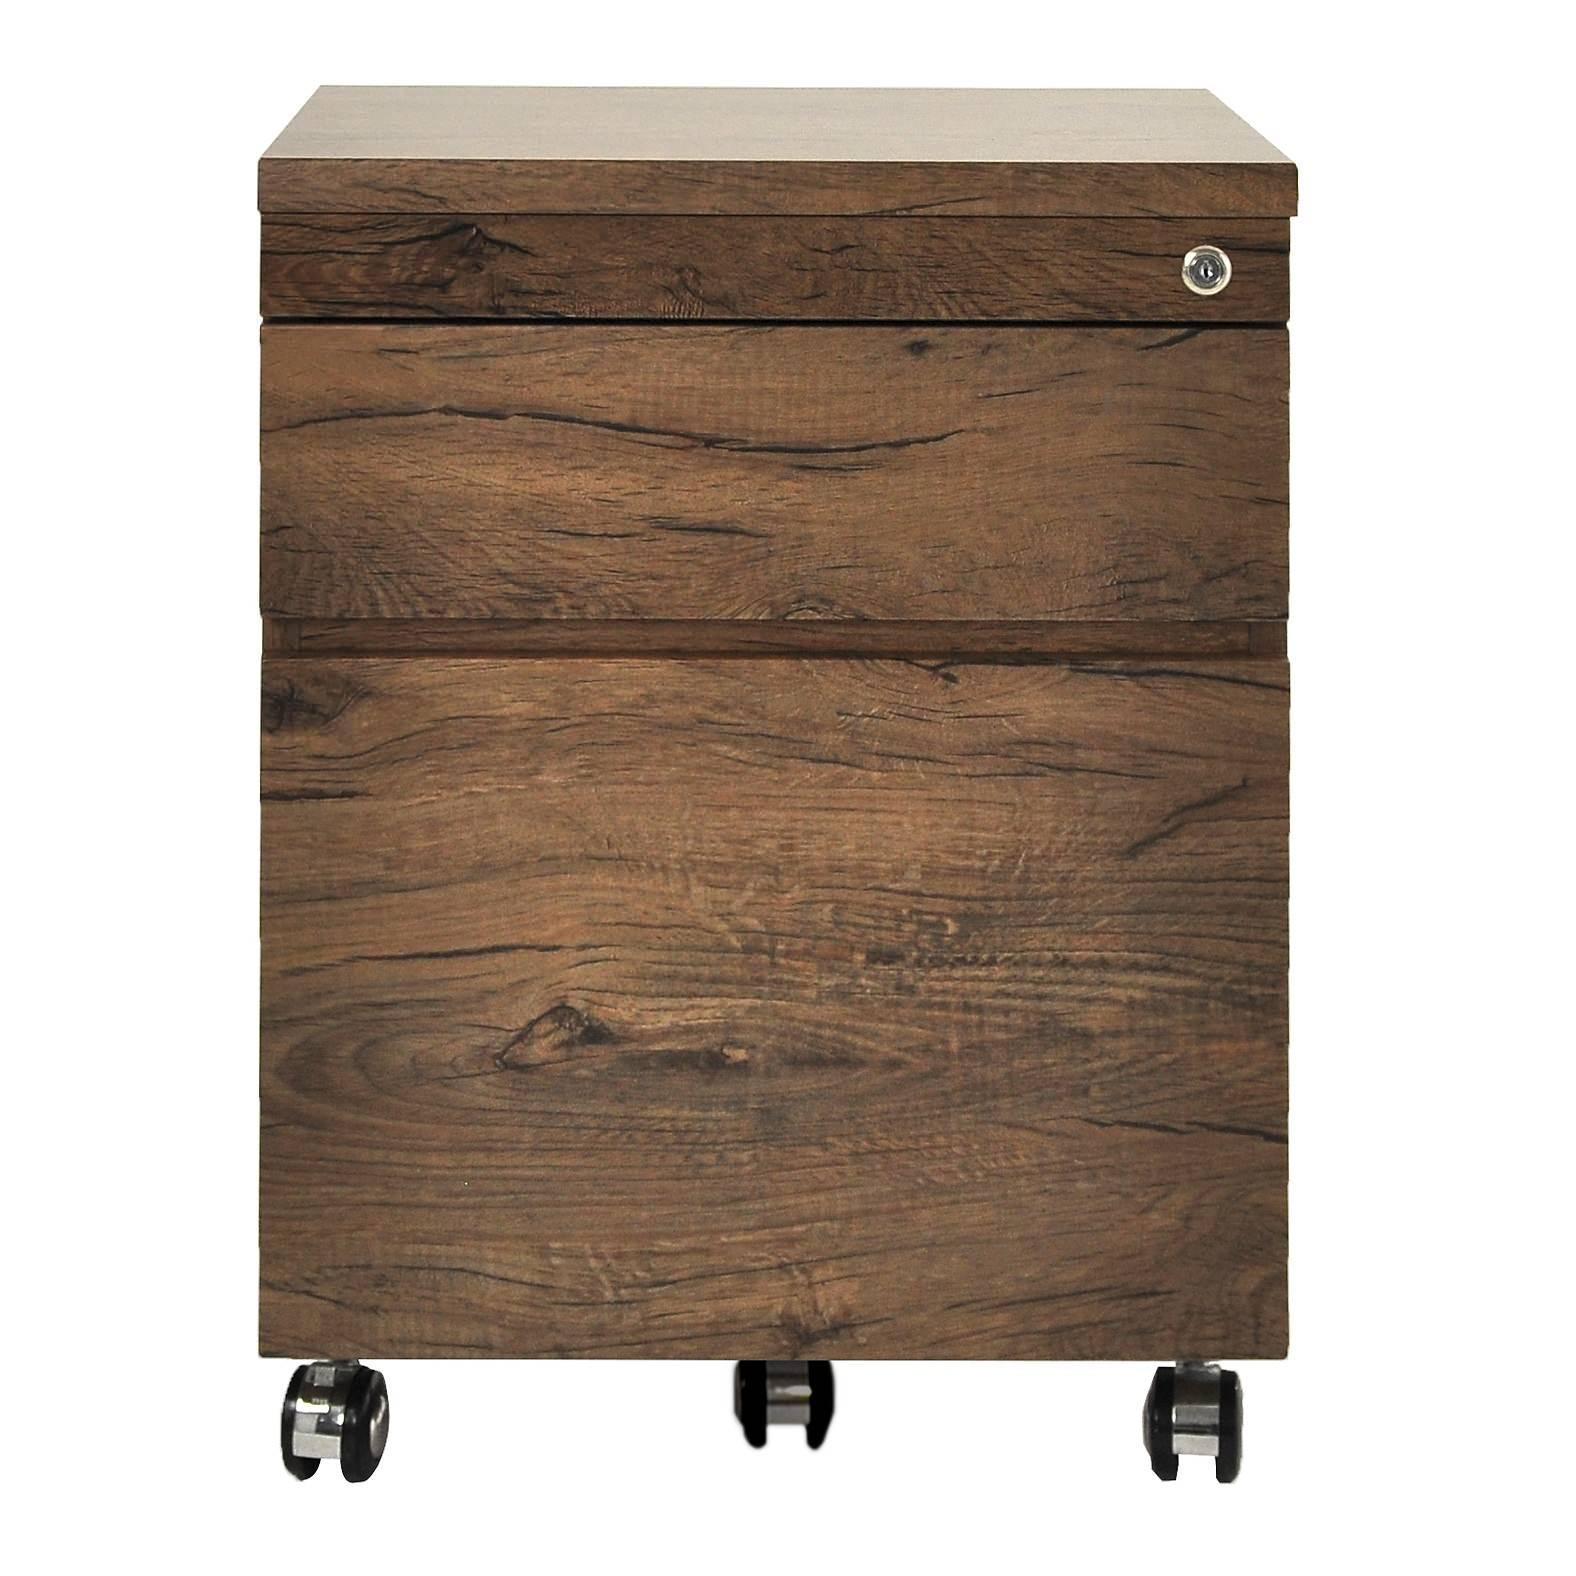 Teresa 2 Drawer File Cabinet with Castors, Antique Oak